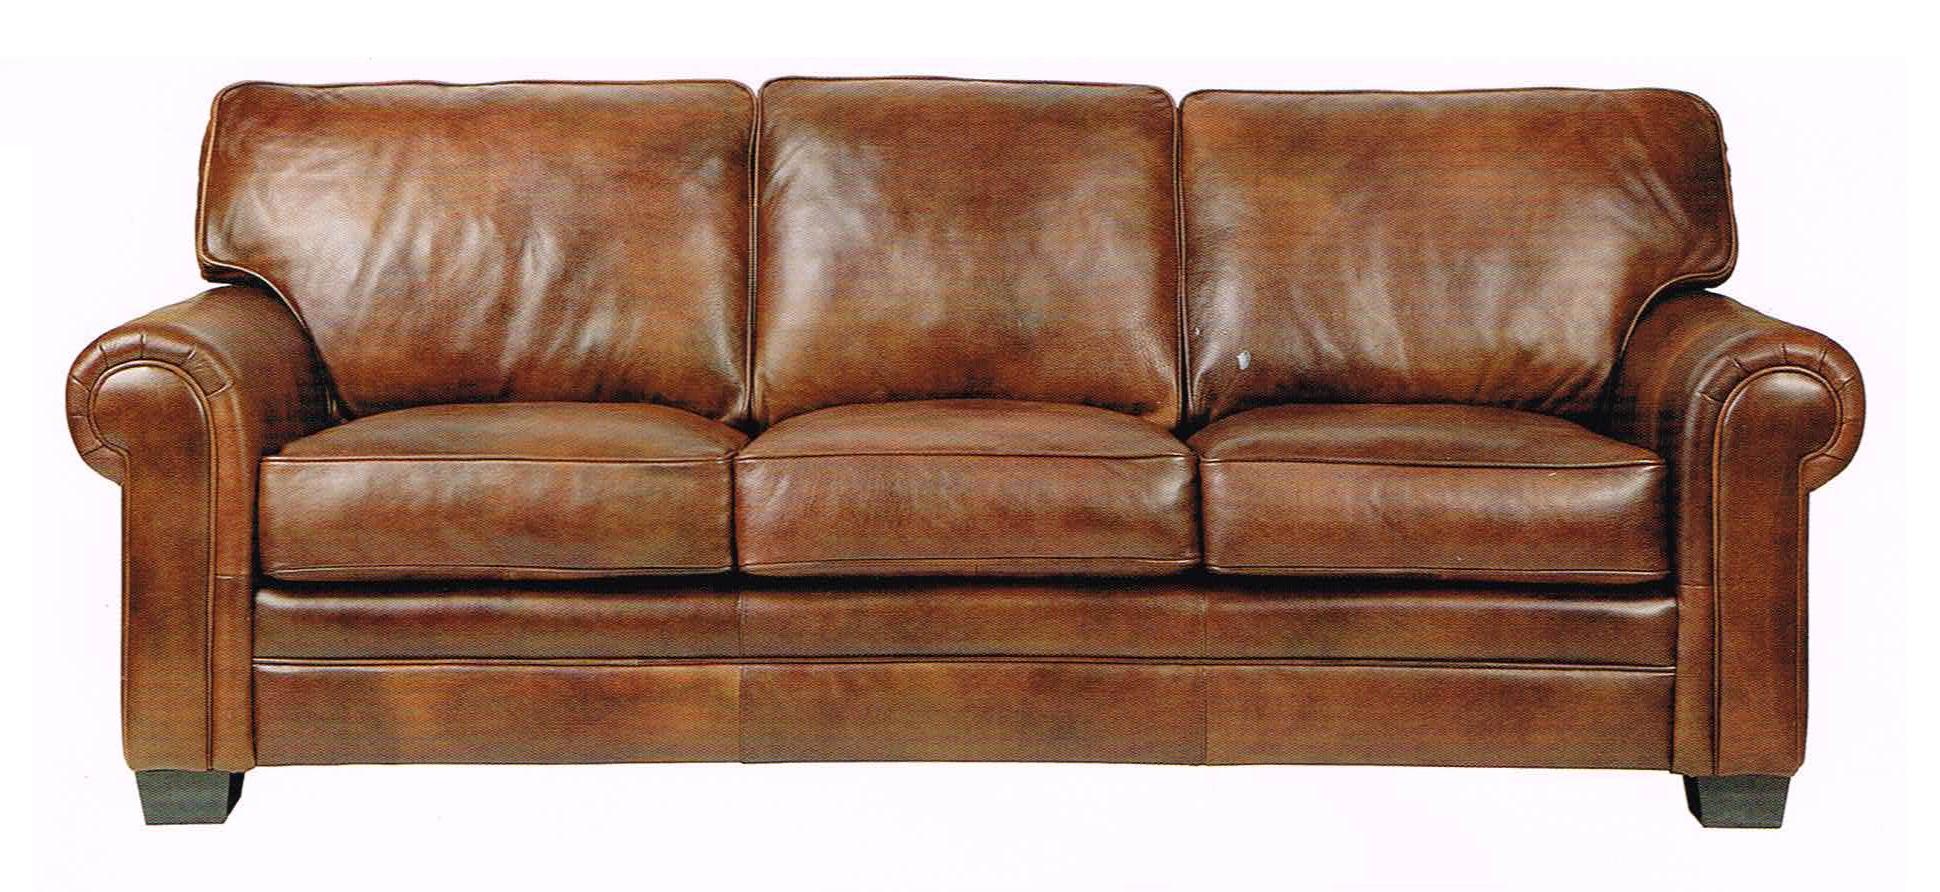 Bradley s furniture etc artistic leather premium rustic